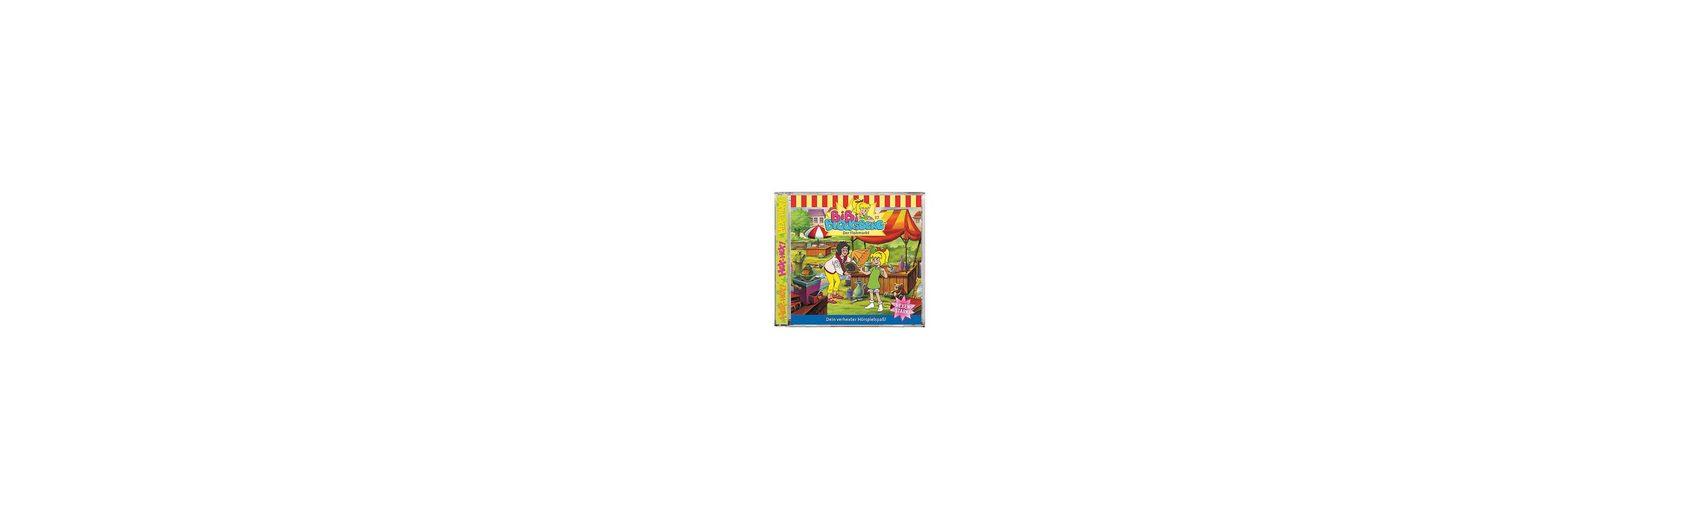 Kiddinx CD Bibi Blocksberg 37 (Der Flohmarkt)